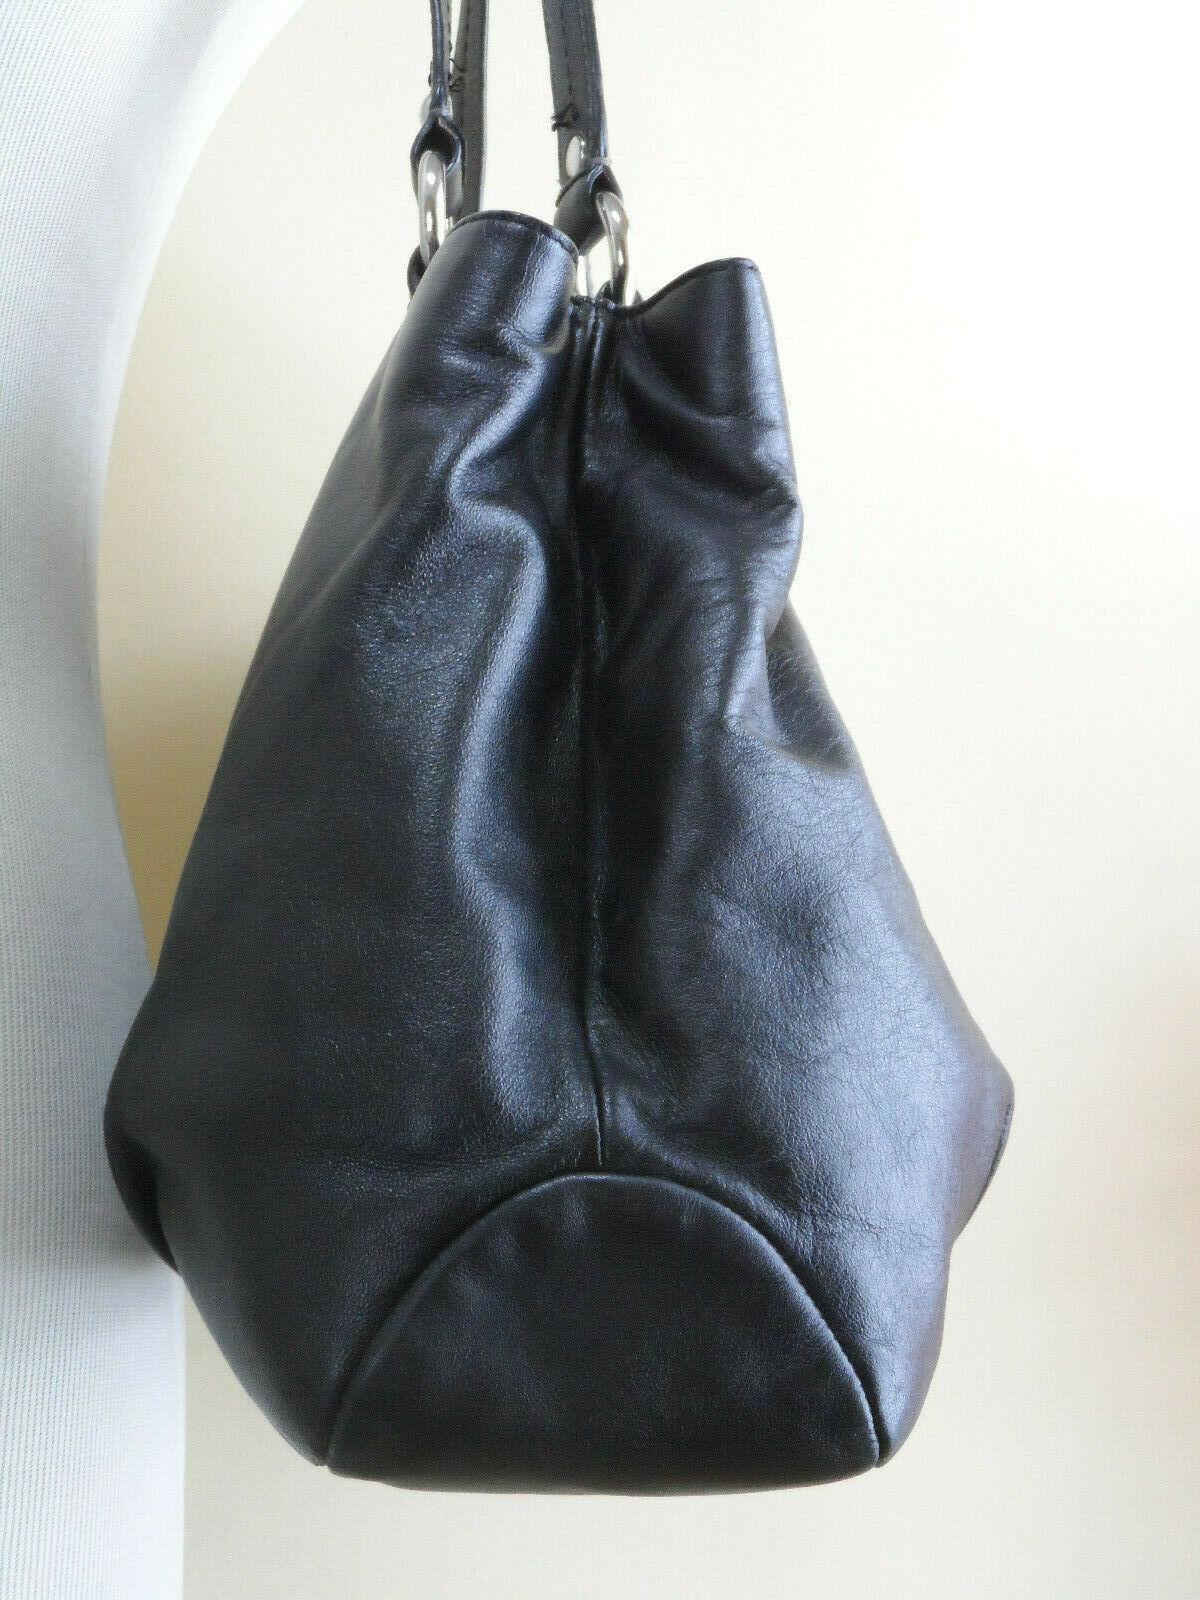 e25b17e9767f Coach SoHo F18751 Black Leather Flap Buckle and 29 similar items